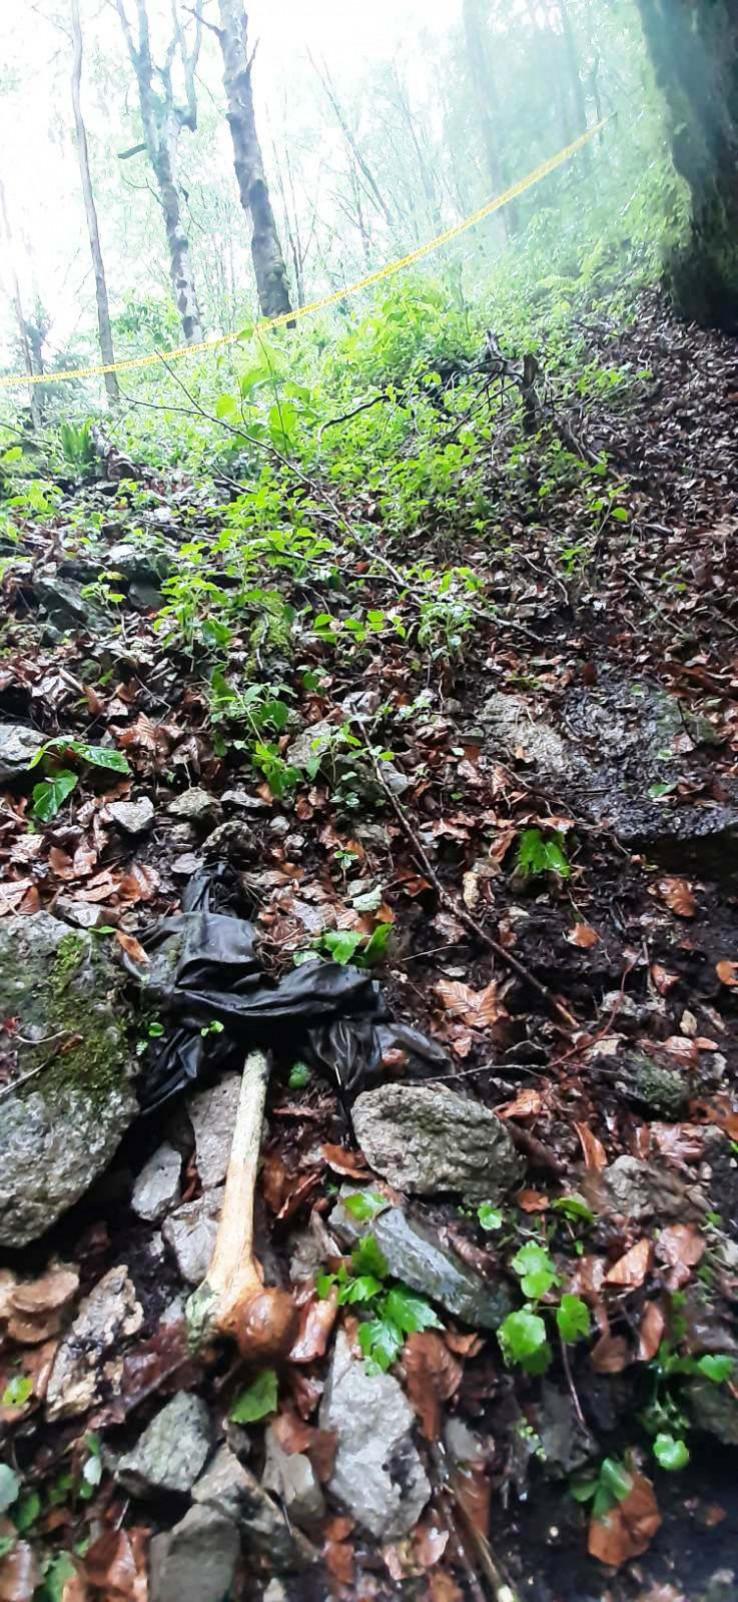 Na Vlašiću pronađena lokacija s posmrtnim ostacima više osoba